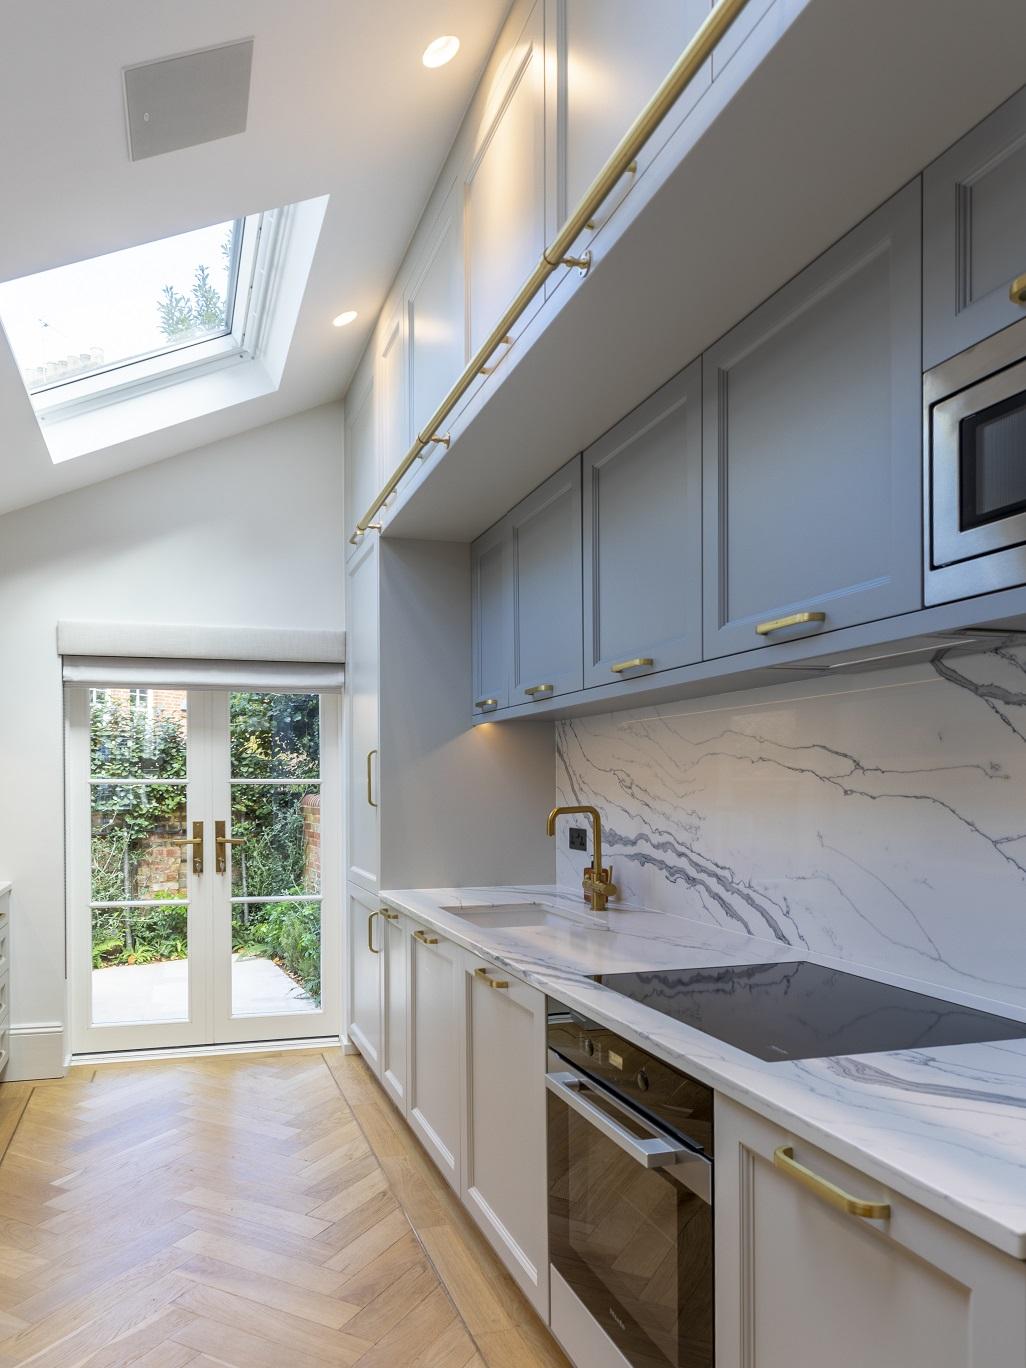 Superb Shaker Kitchen Oxford 7.jpg